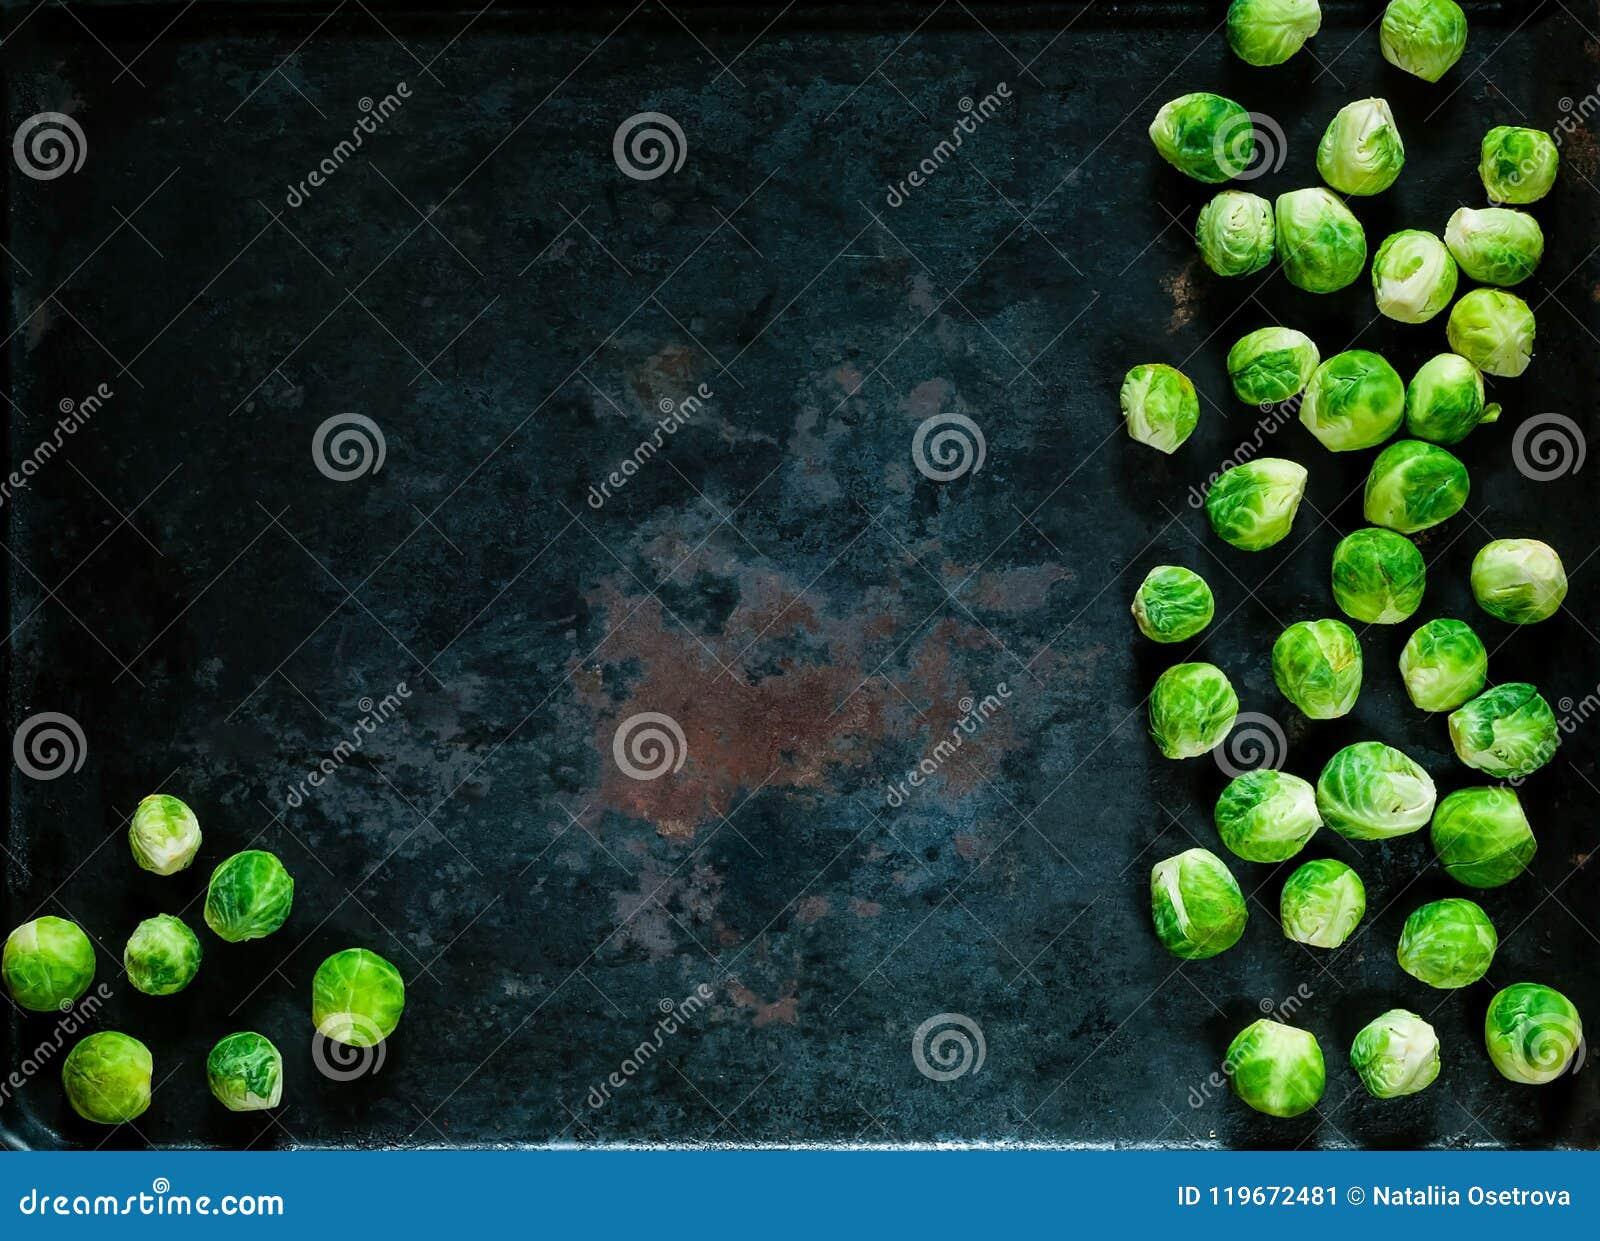 Nya brussels groddar på rostig metallbakgrund för tappning, grönsaker för sund matlagning, lekmanna- lägenhet, kopieringsutrymme,